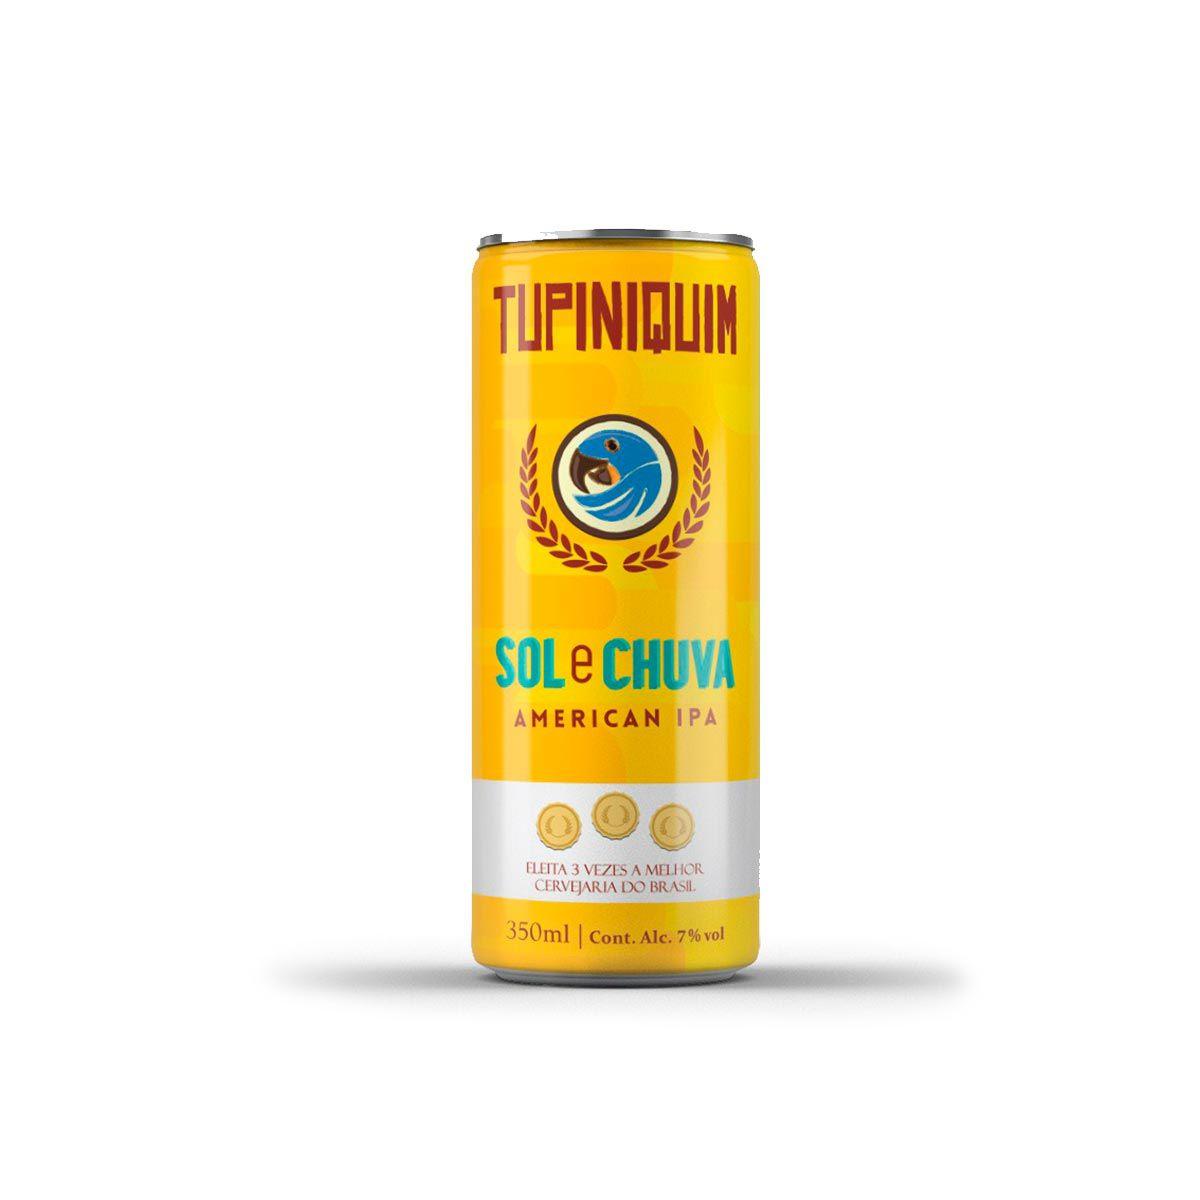 Tupiniquim Sol e Chuva American IPA 350ml lata